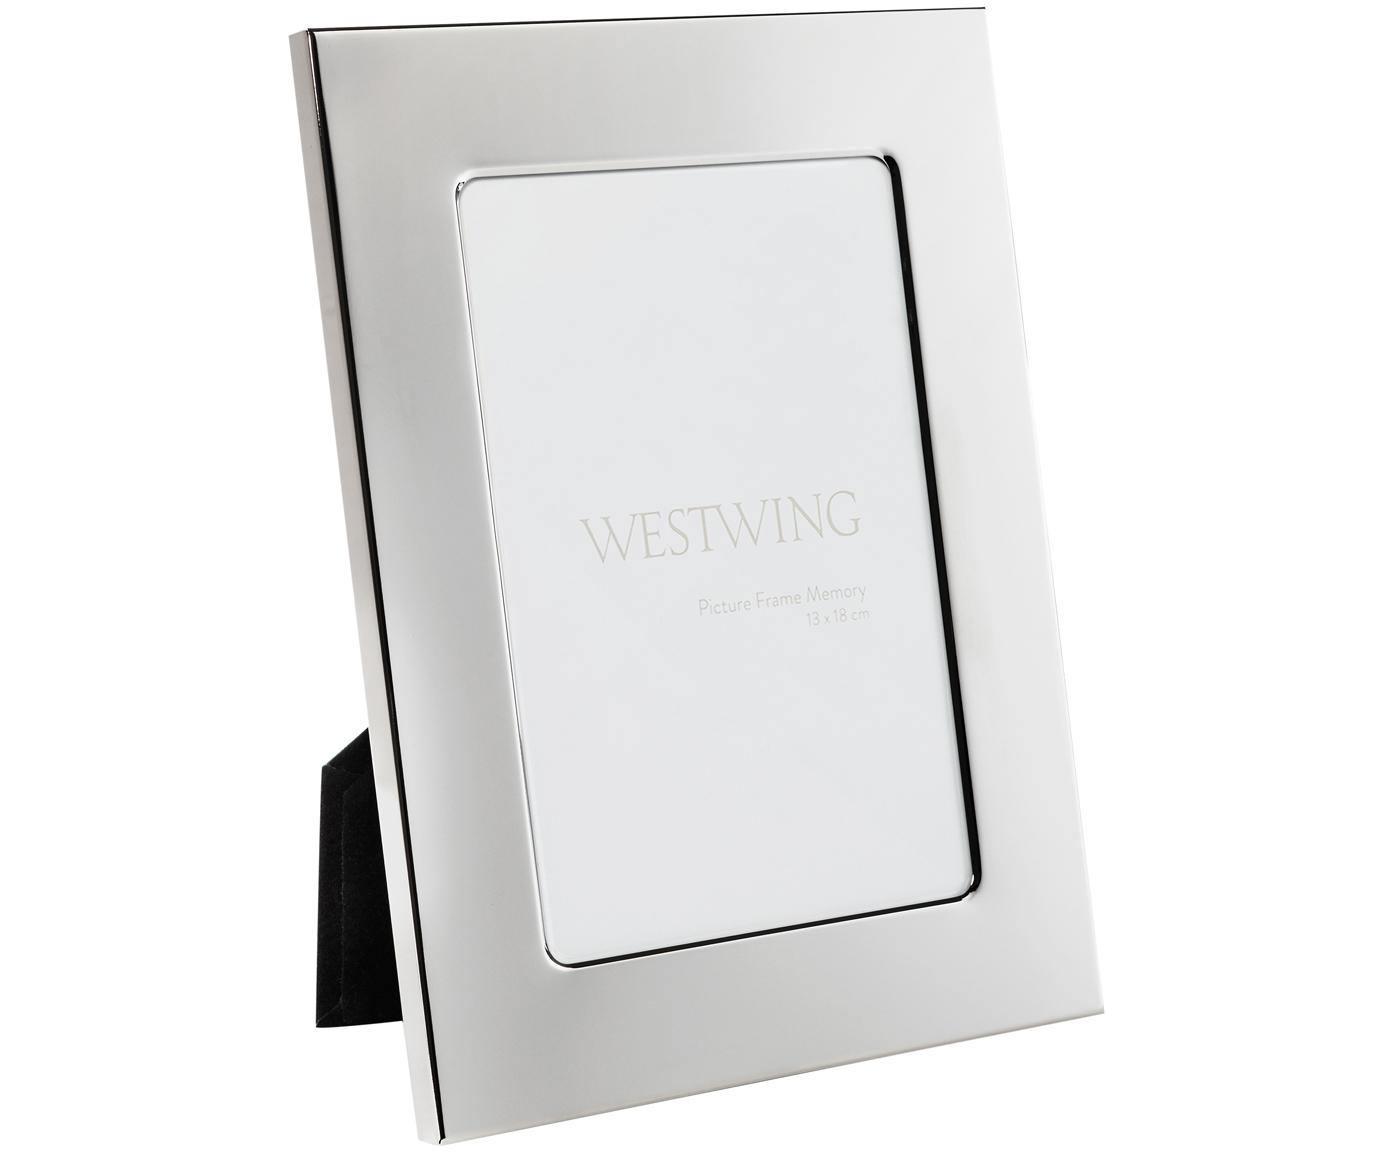 Bilderrahmen Memory, Rahmen: Metall, vernickelt, Front: Glas, spiegelnd, Rückseite: Holz, Samt, Silber, 13 x 18 cm